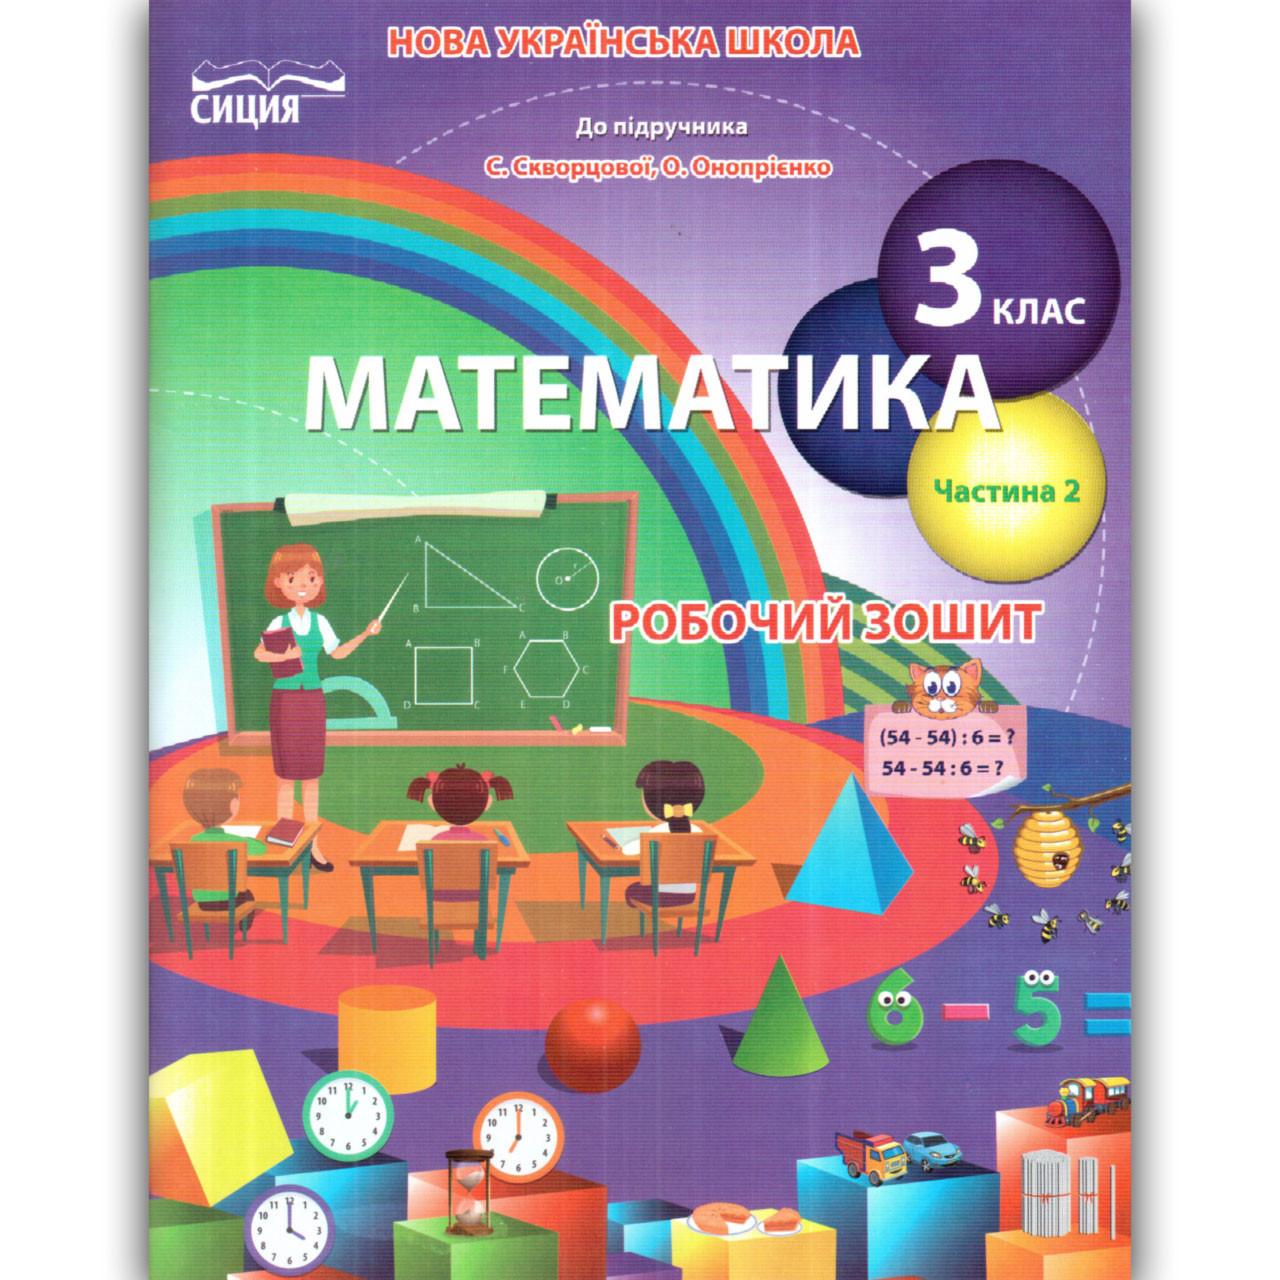 Зошит Математика 3 клас Частина 2 До підручника Скворцової С. Авт: Бугайова Л. Вид: Сиция